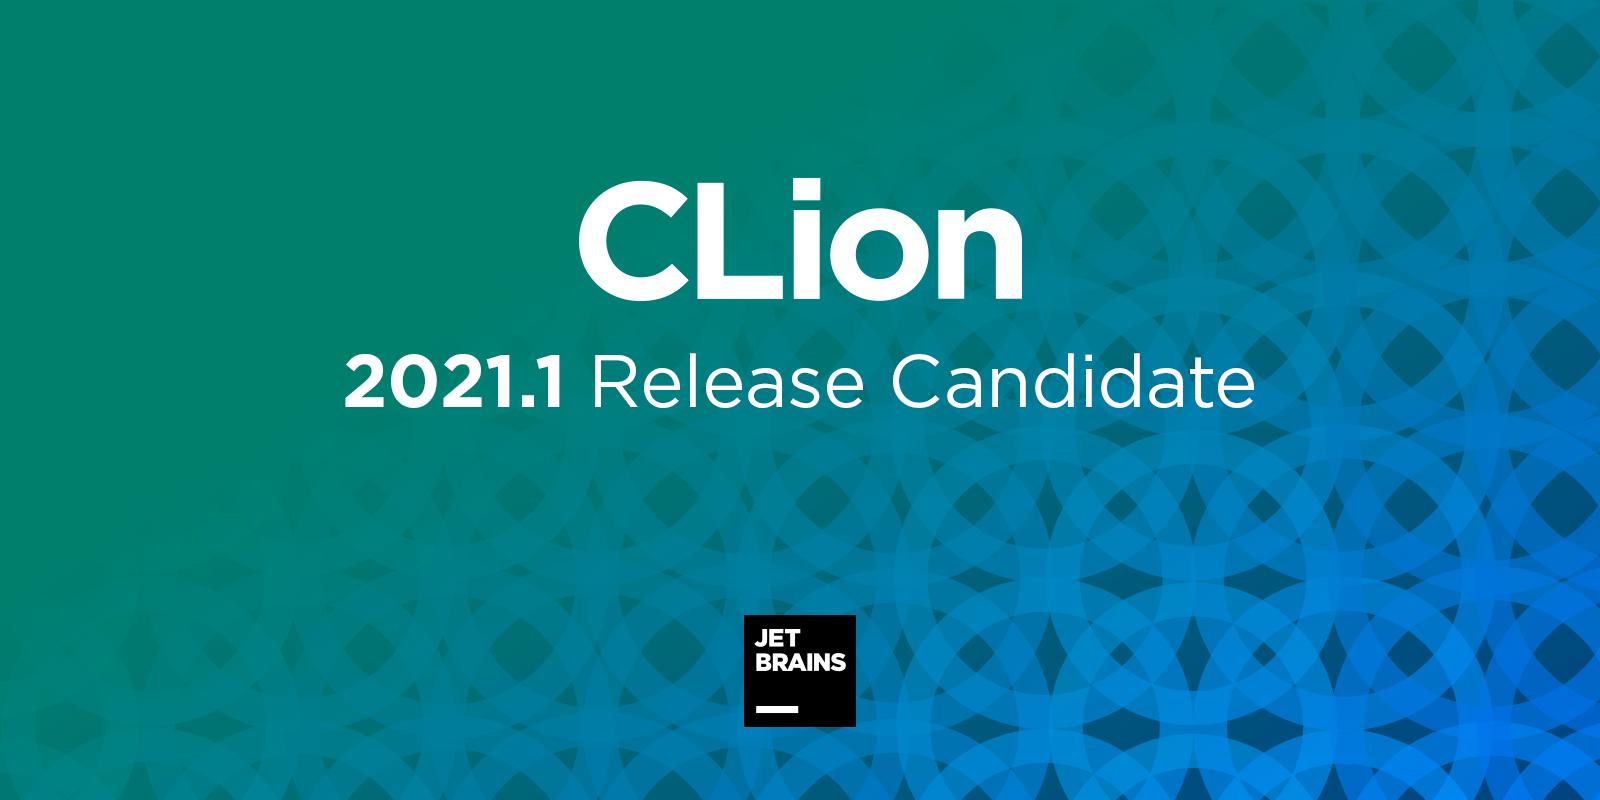 CLion 2021.1 RC